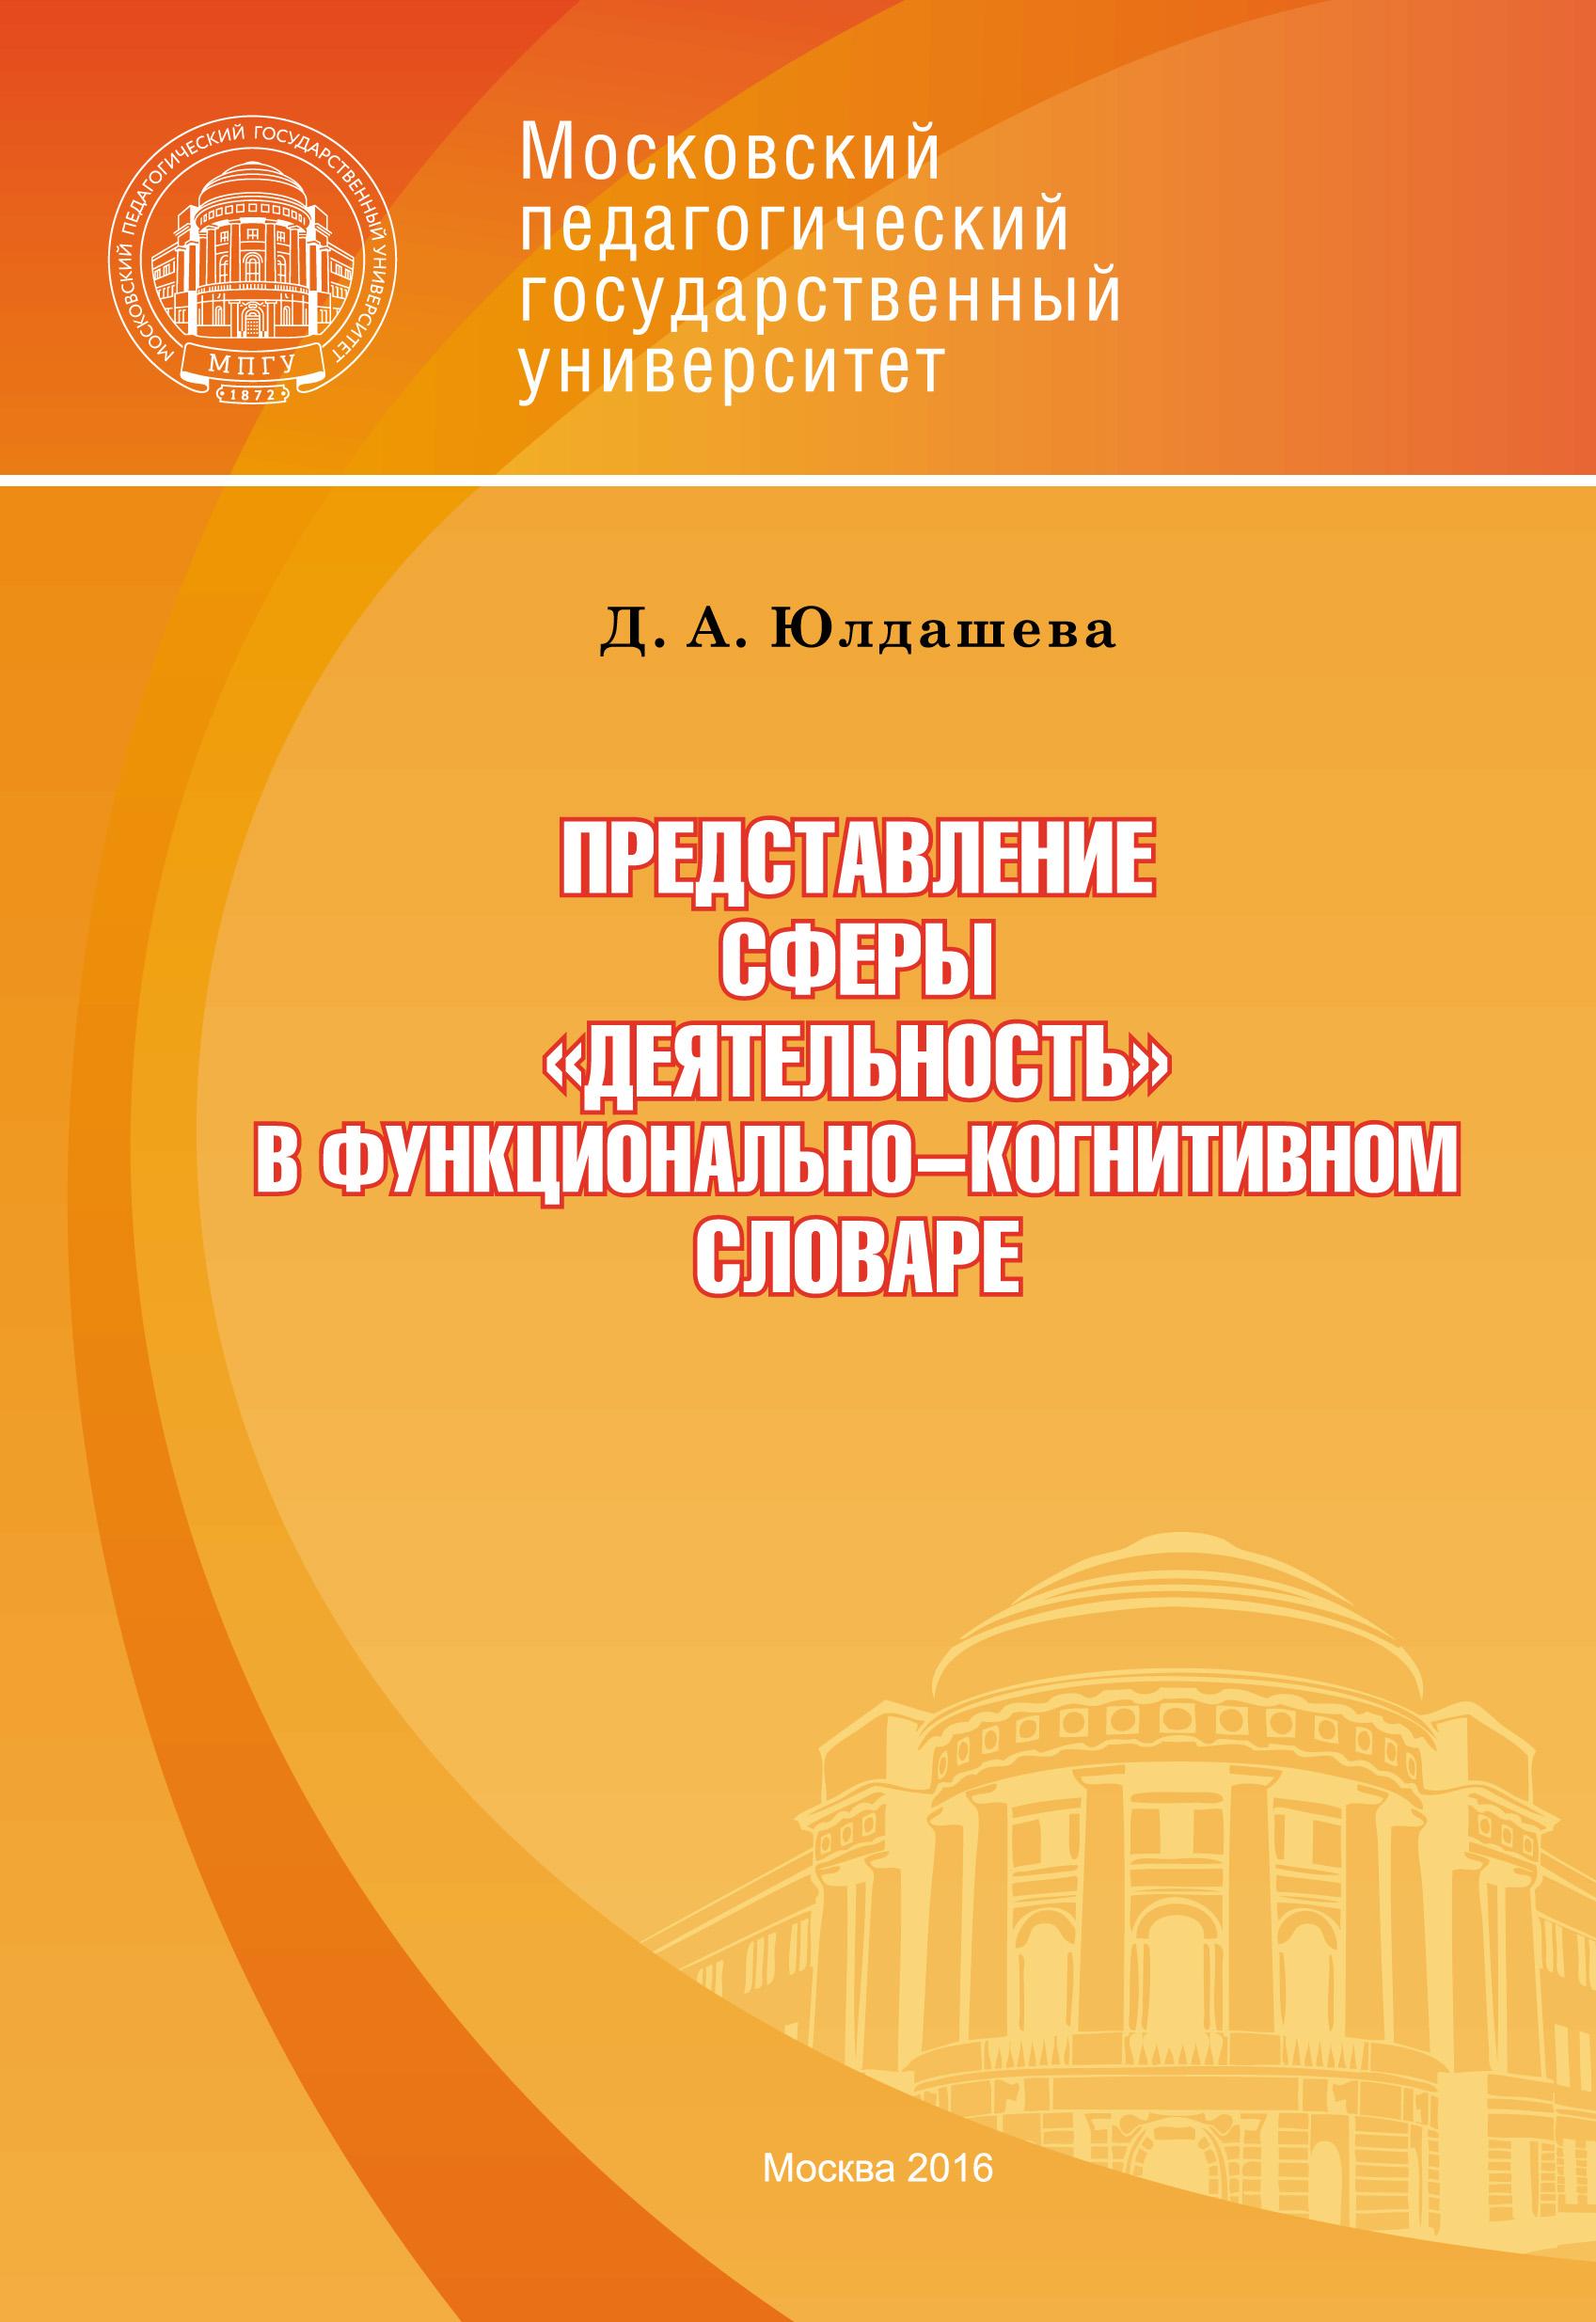 Диляра Юлдашева Представление сферы «деятельность» в функционально-когнитивном словаре